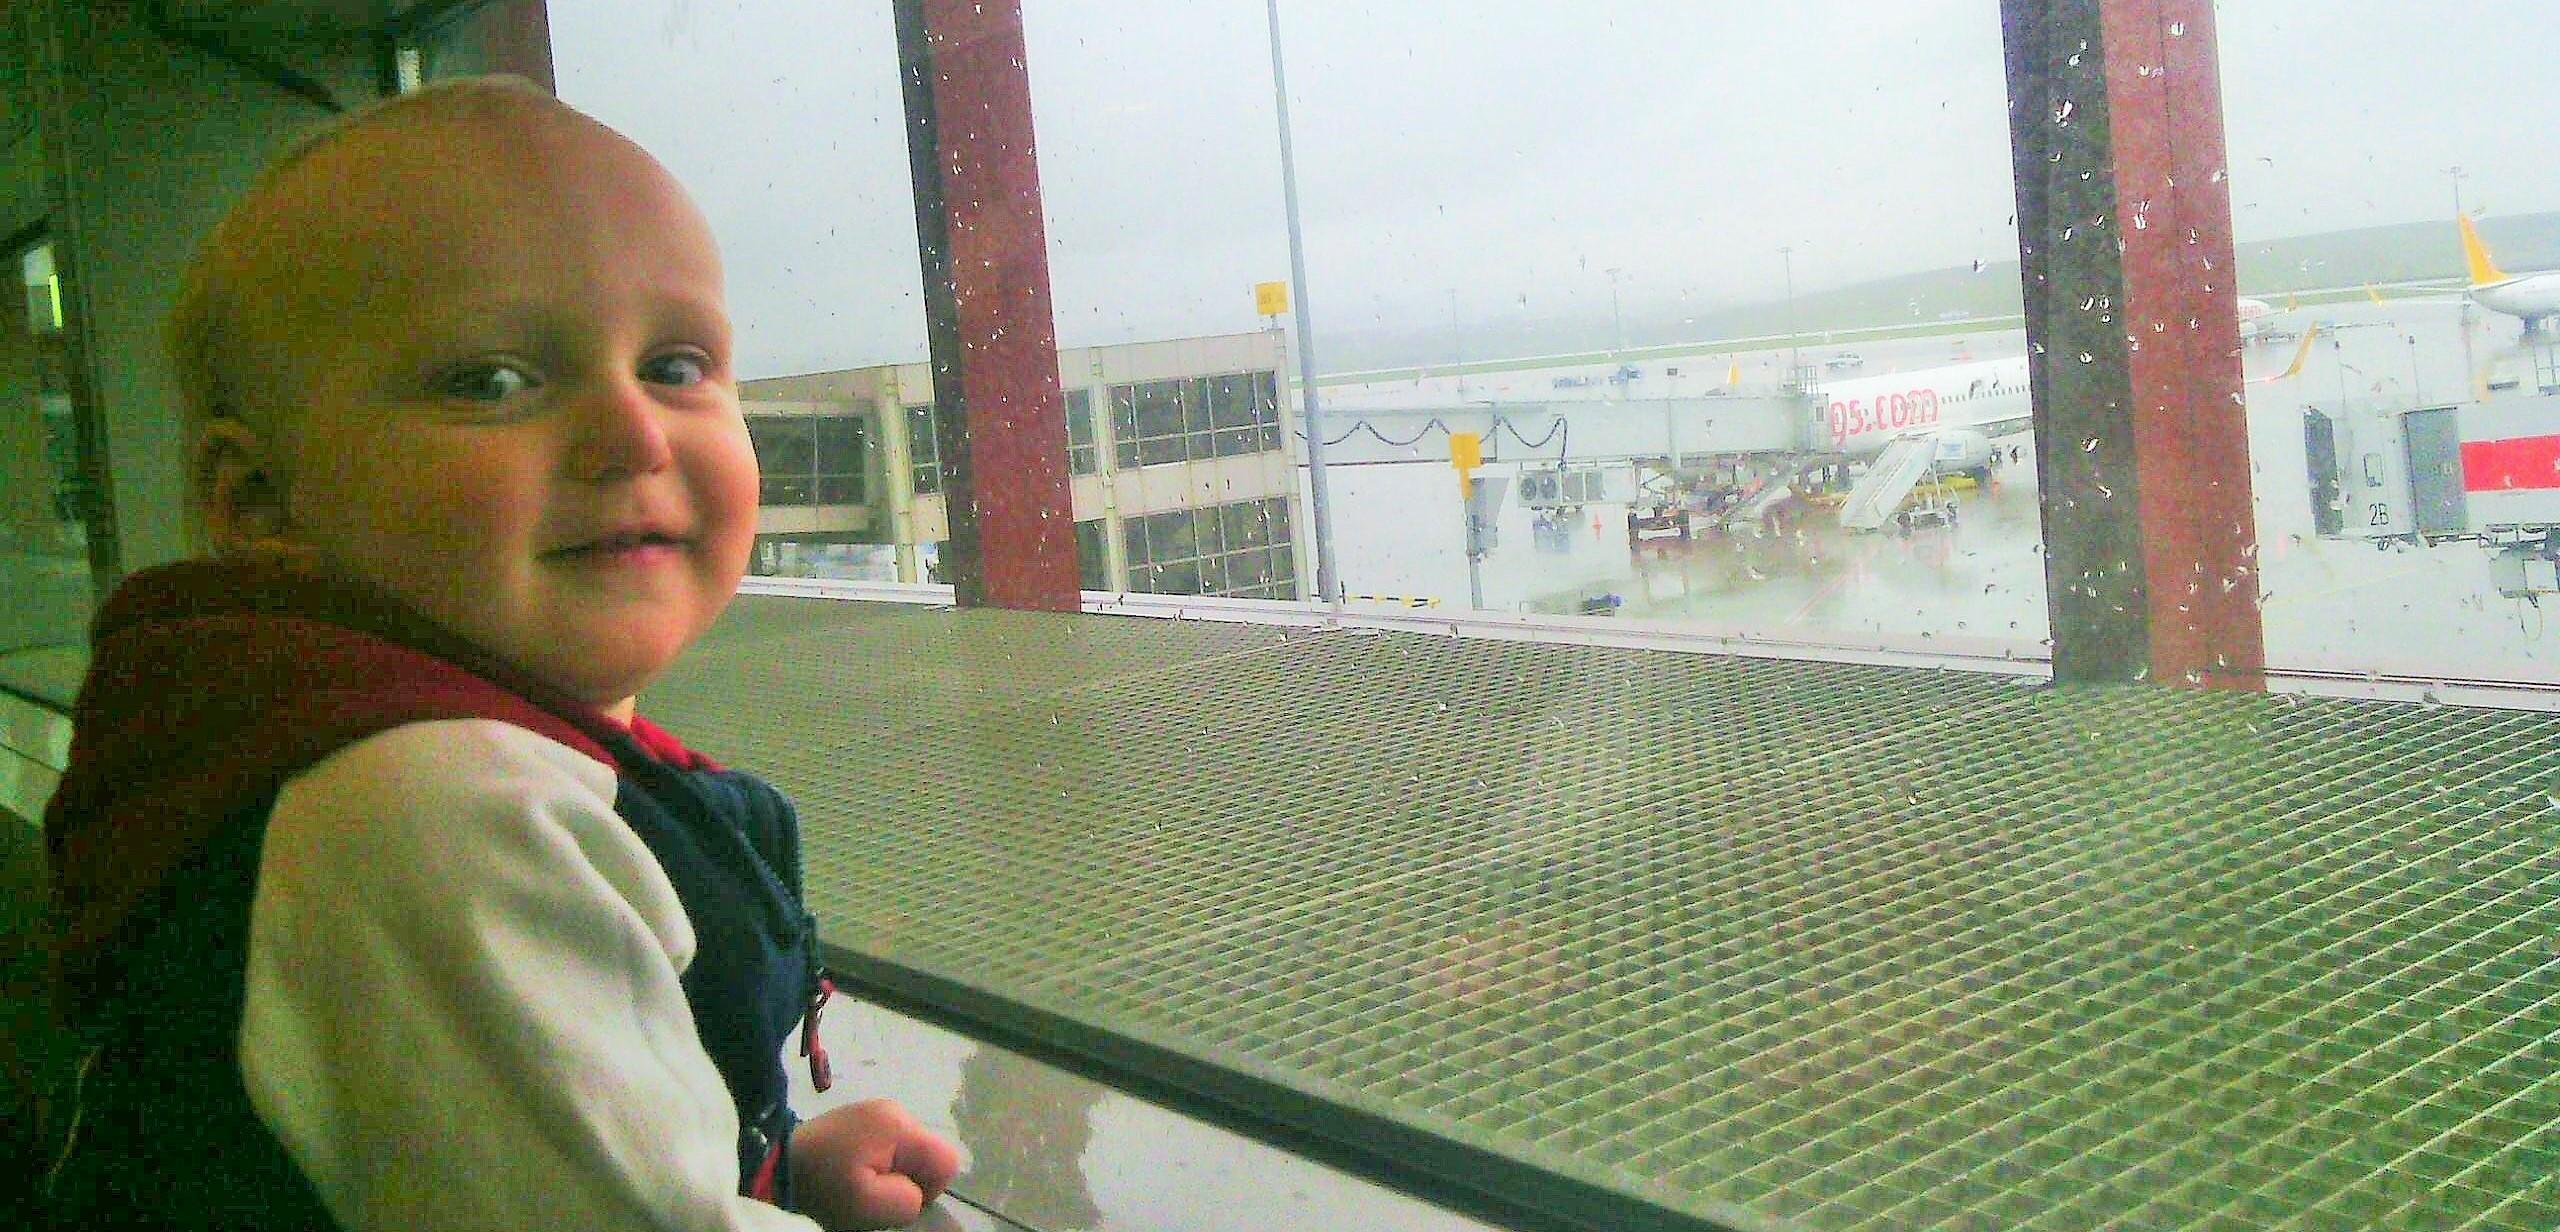 Moj-syn-v-aeroportu